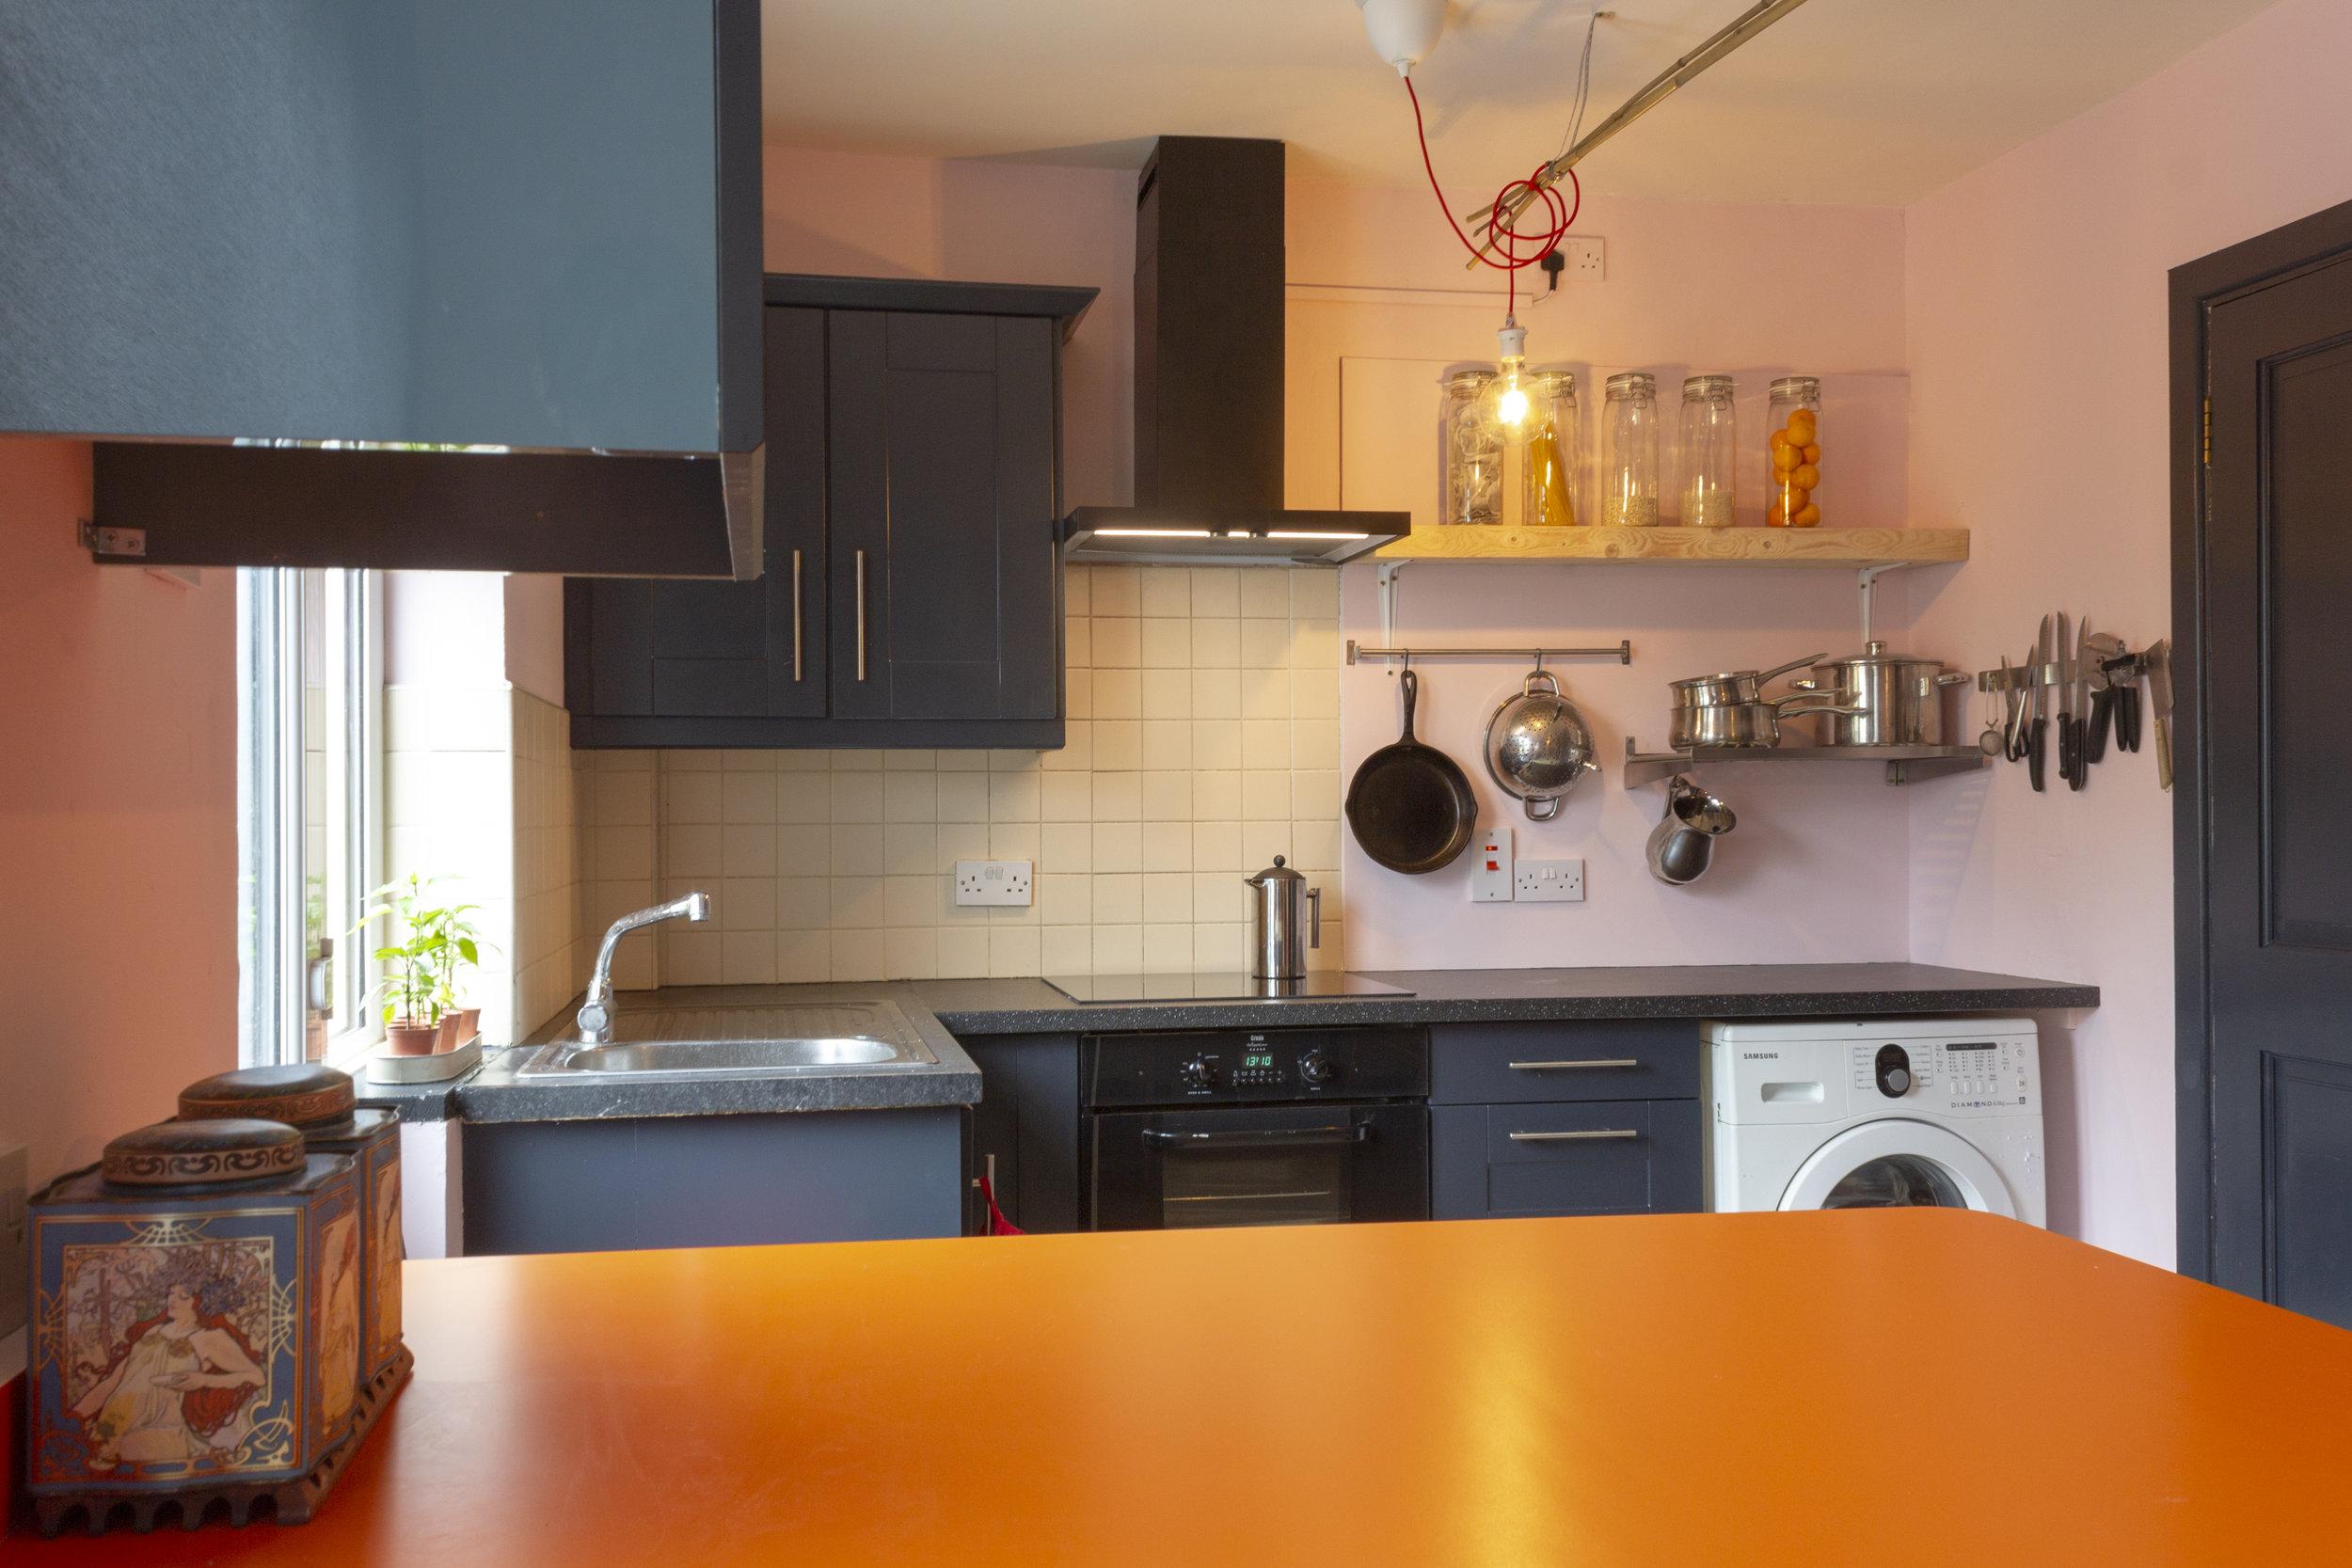 HR - Laytown - After - Kitchen 7.jpg